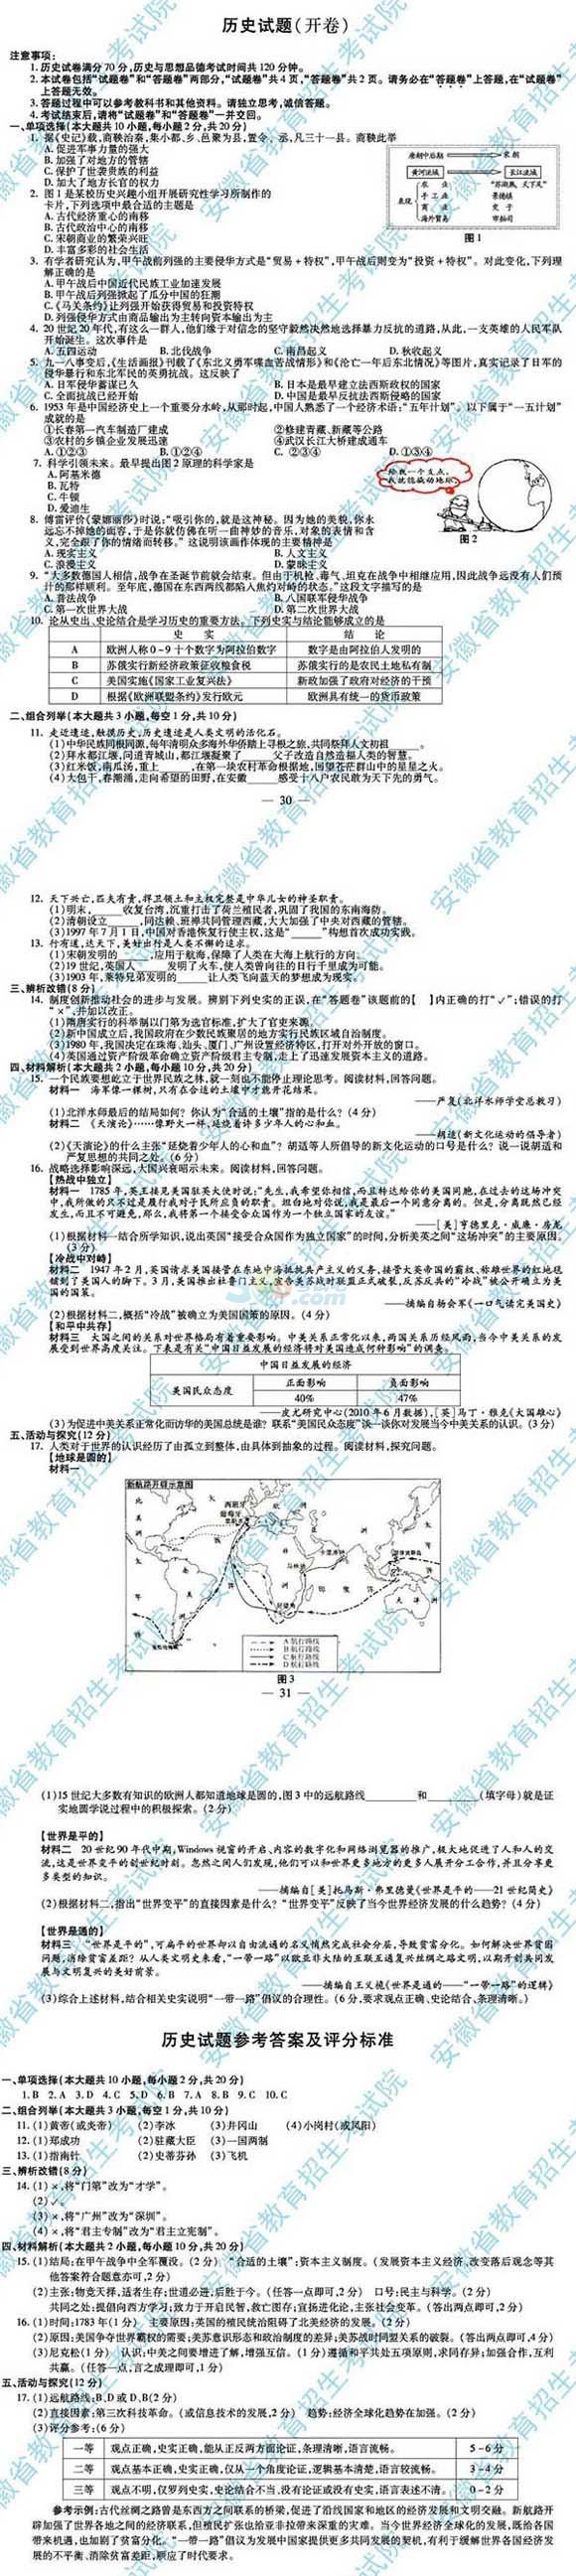 2017年安徽省中考《历史》试题及答案(完整版)